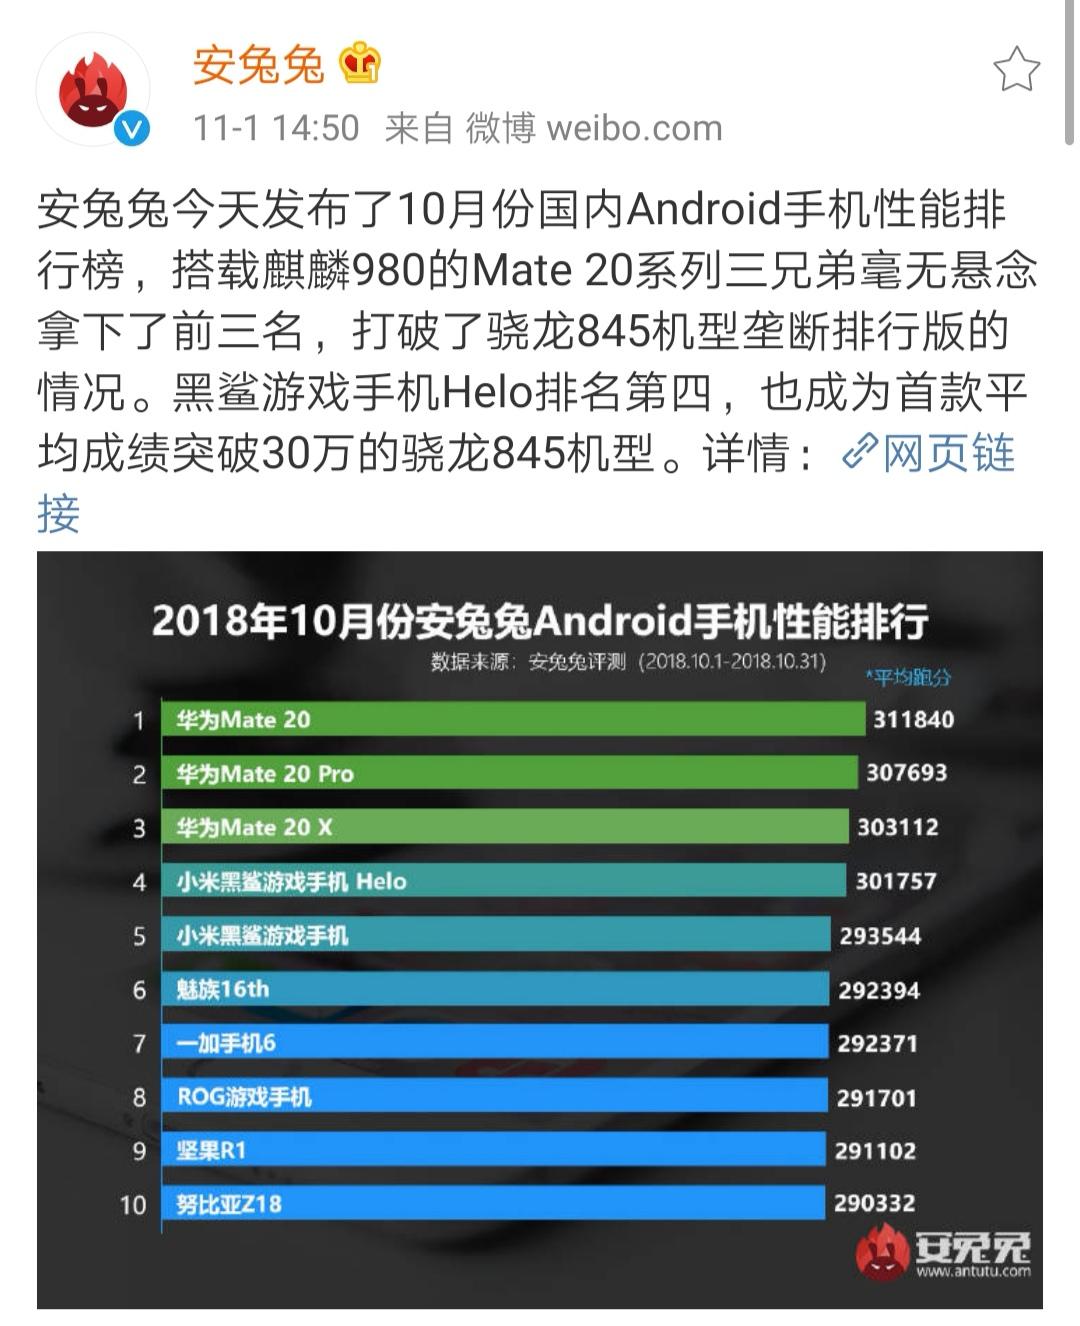 Screenshot_20181124_211958.jpg